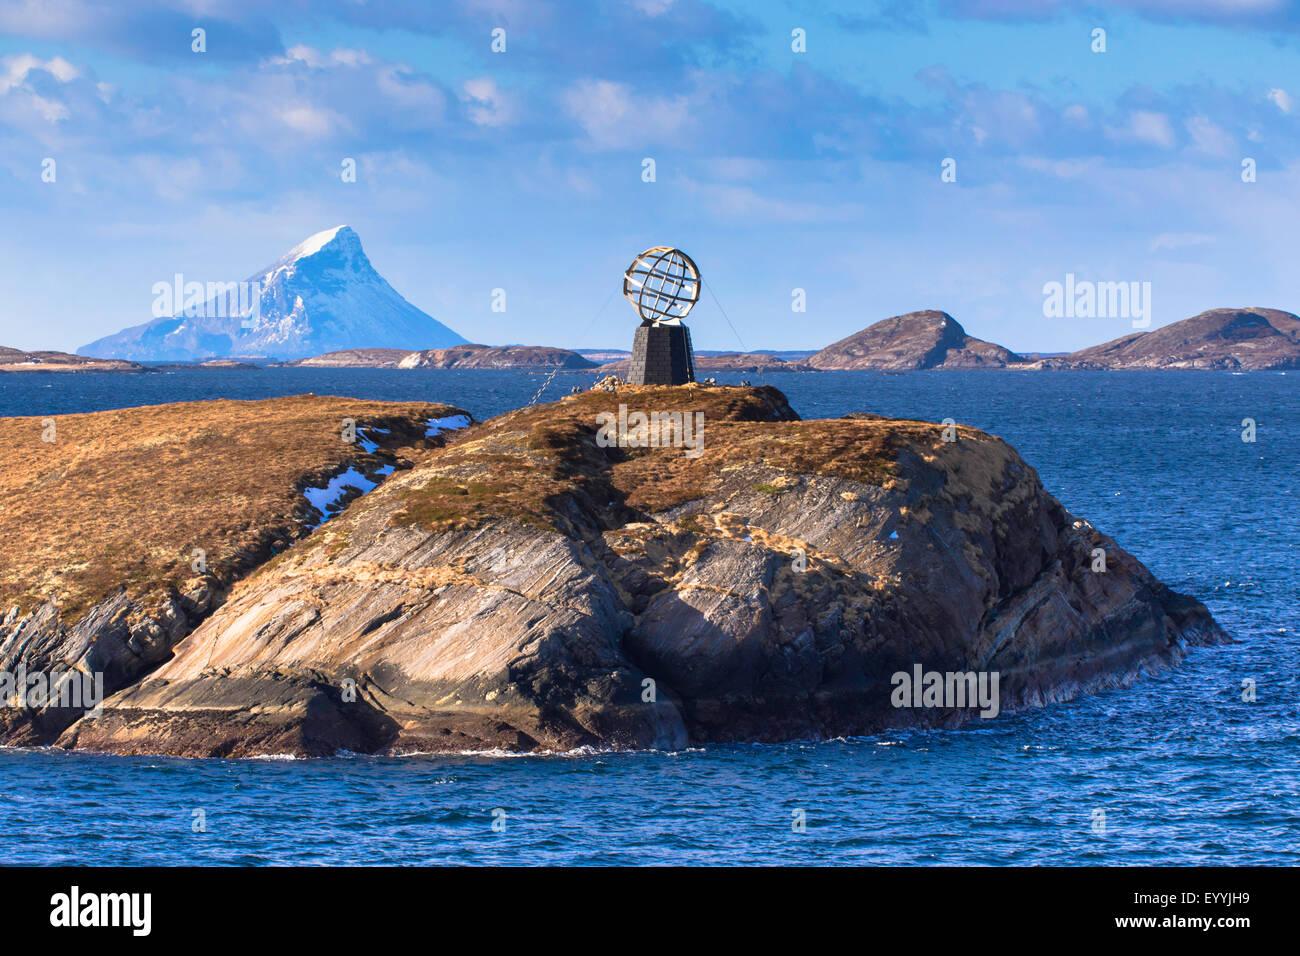 Insel Vikingen am Polarkreis, Norwegen, Nordland, Melfjorden Stockbild